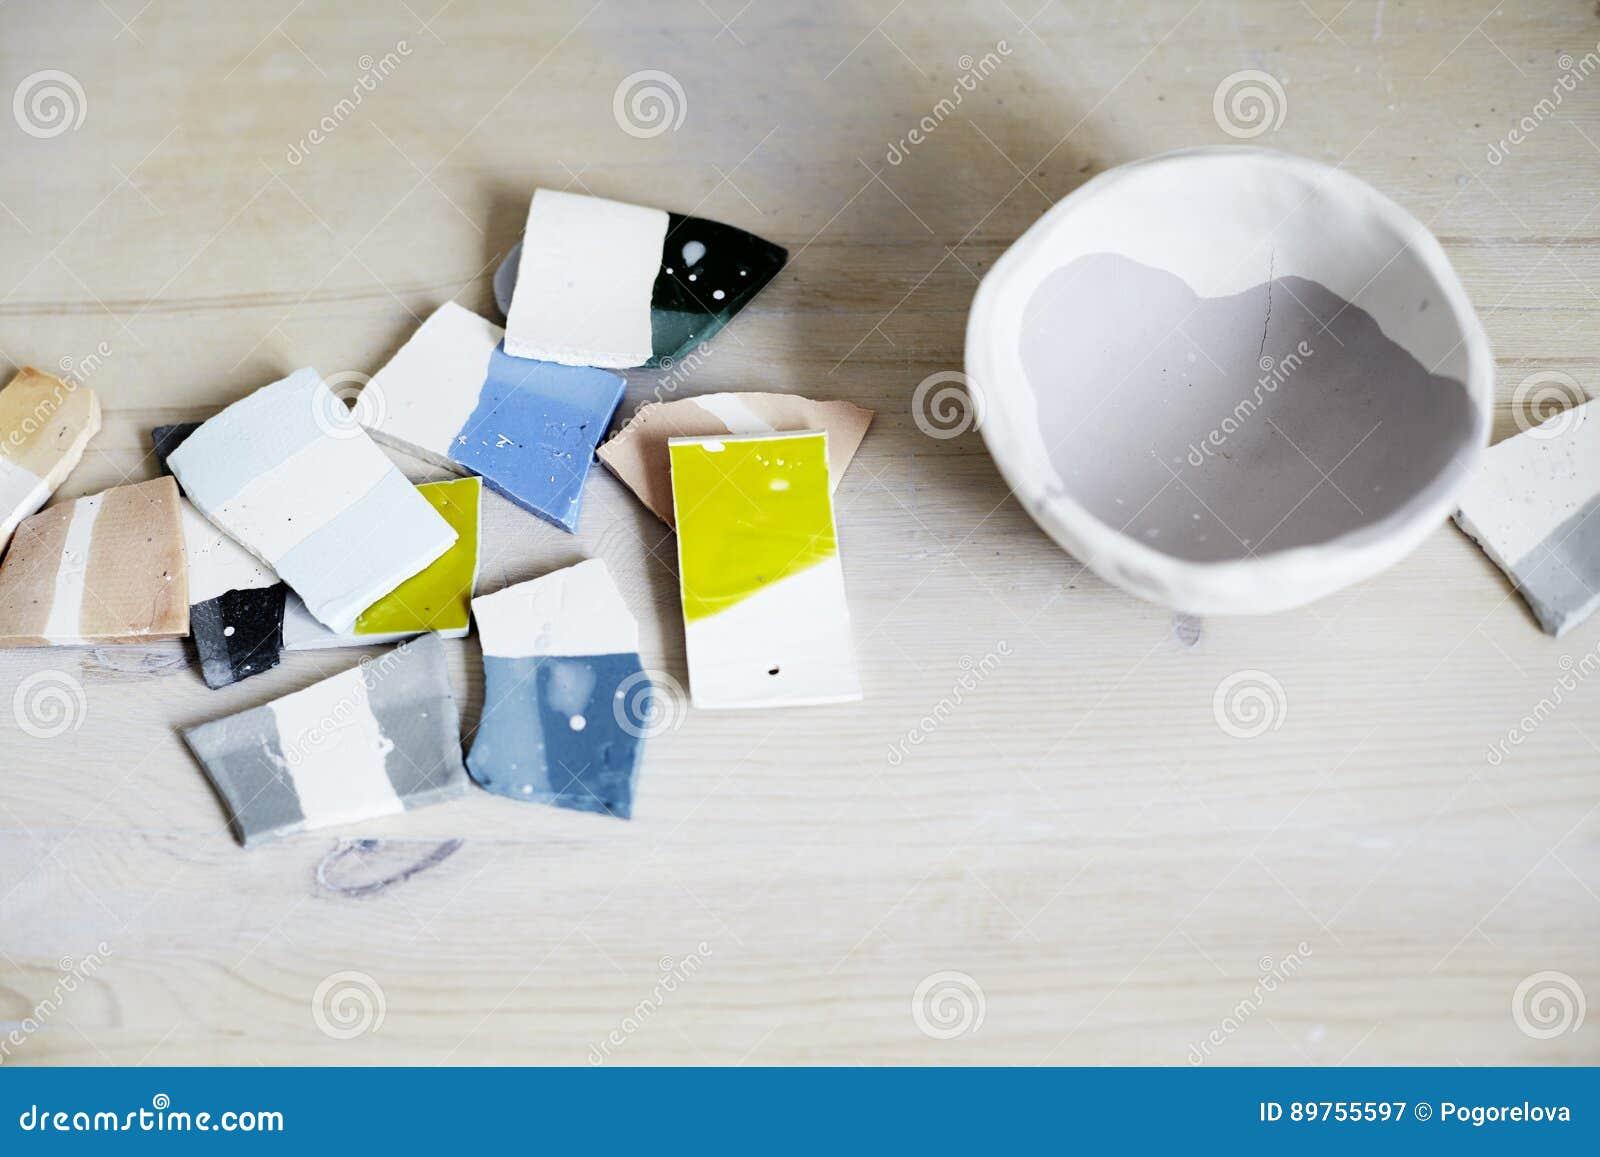 Campioni di smalto colorato per ceramica, pezzi ceramici, officina in studio, lavoro del a mano mestiere